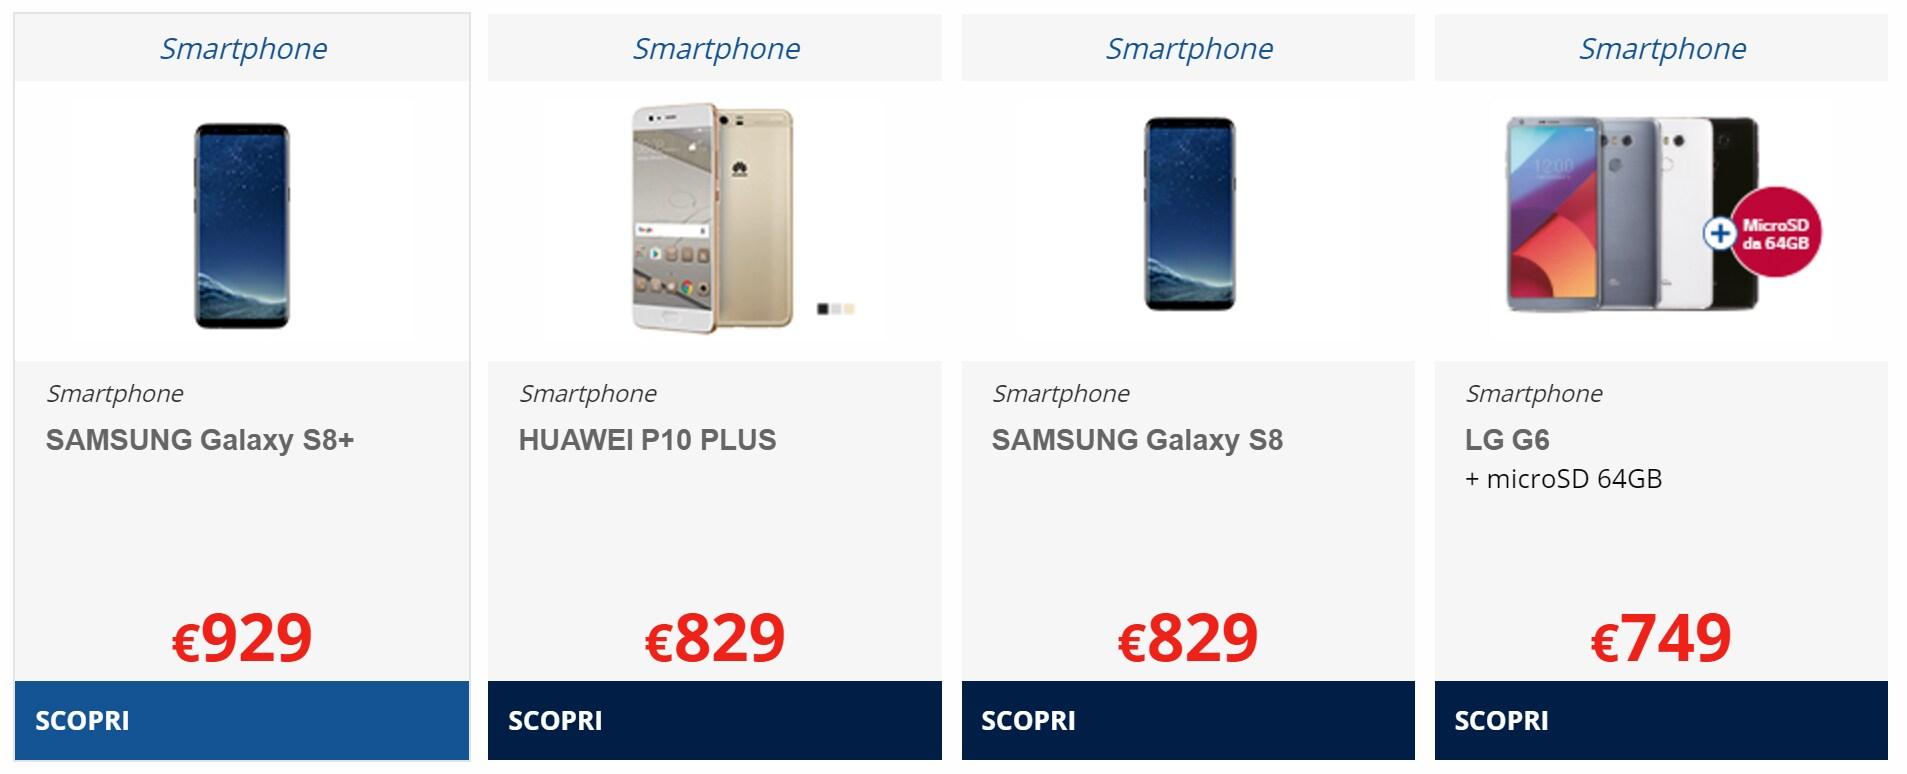 Volantino Euronics 11-24 maggio speciale smartphone 2017 (9)